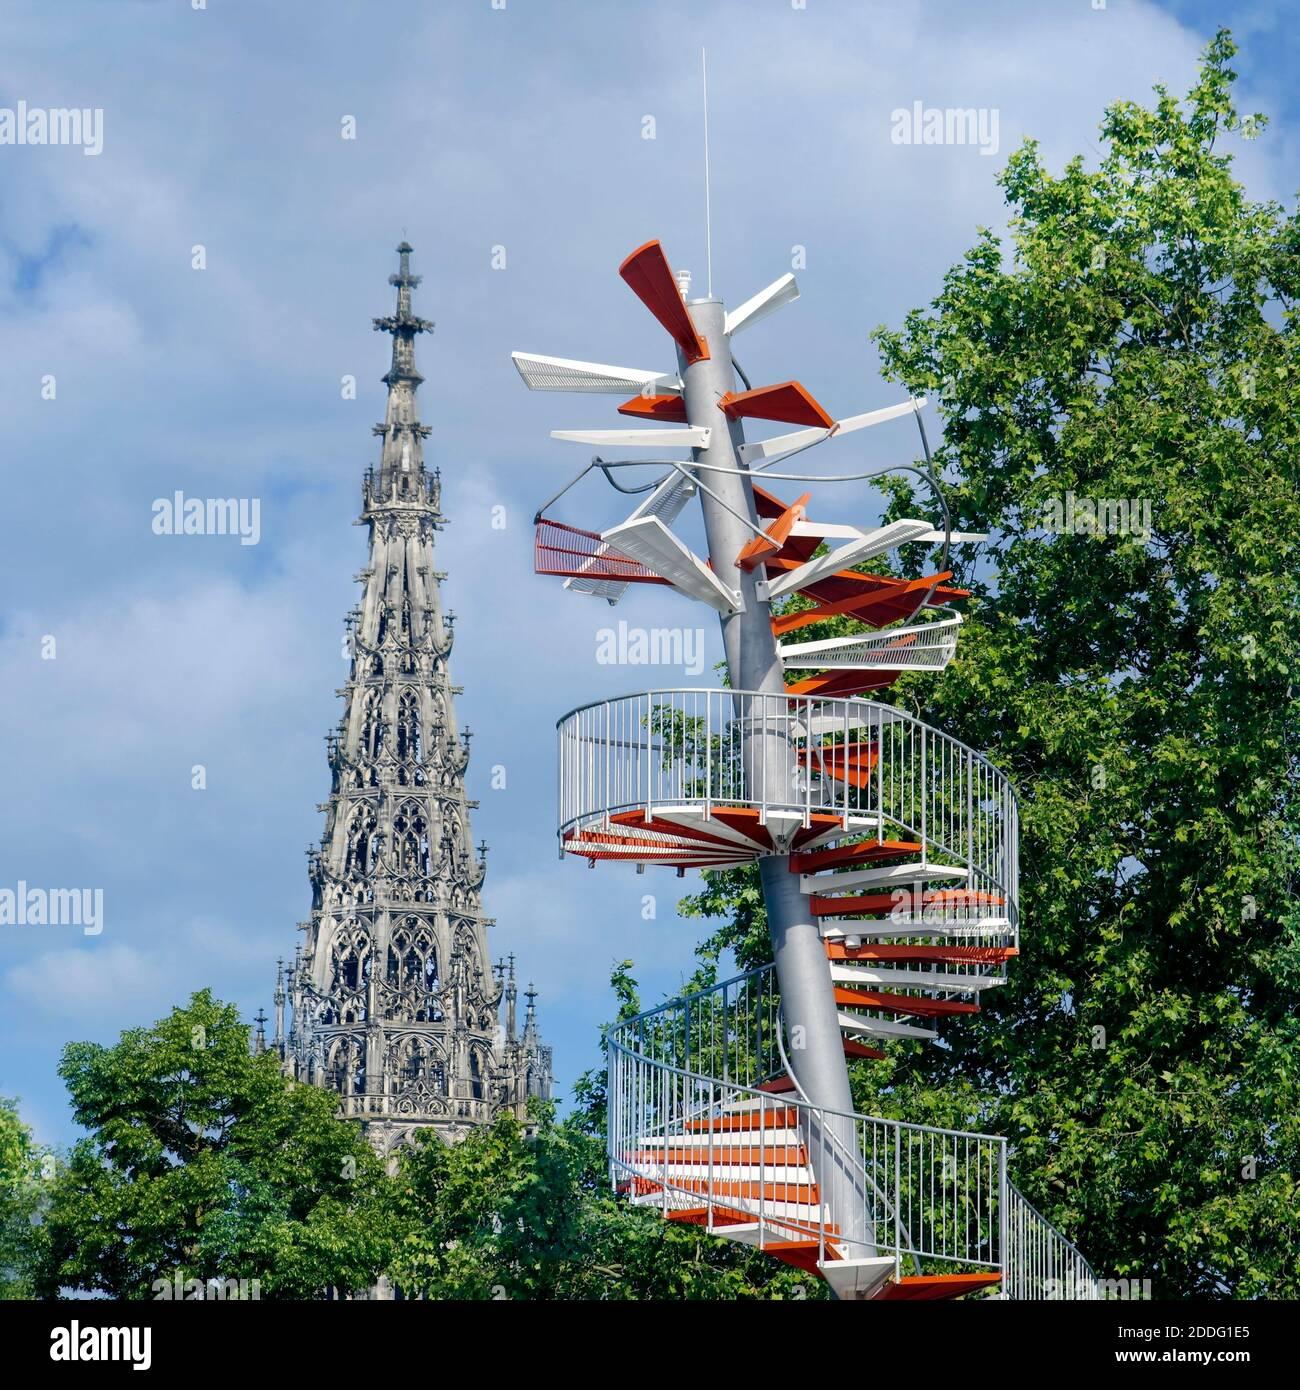 Torre Ulmer Berblinger al lado de Ulm Minster Foto de stock